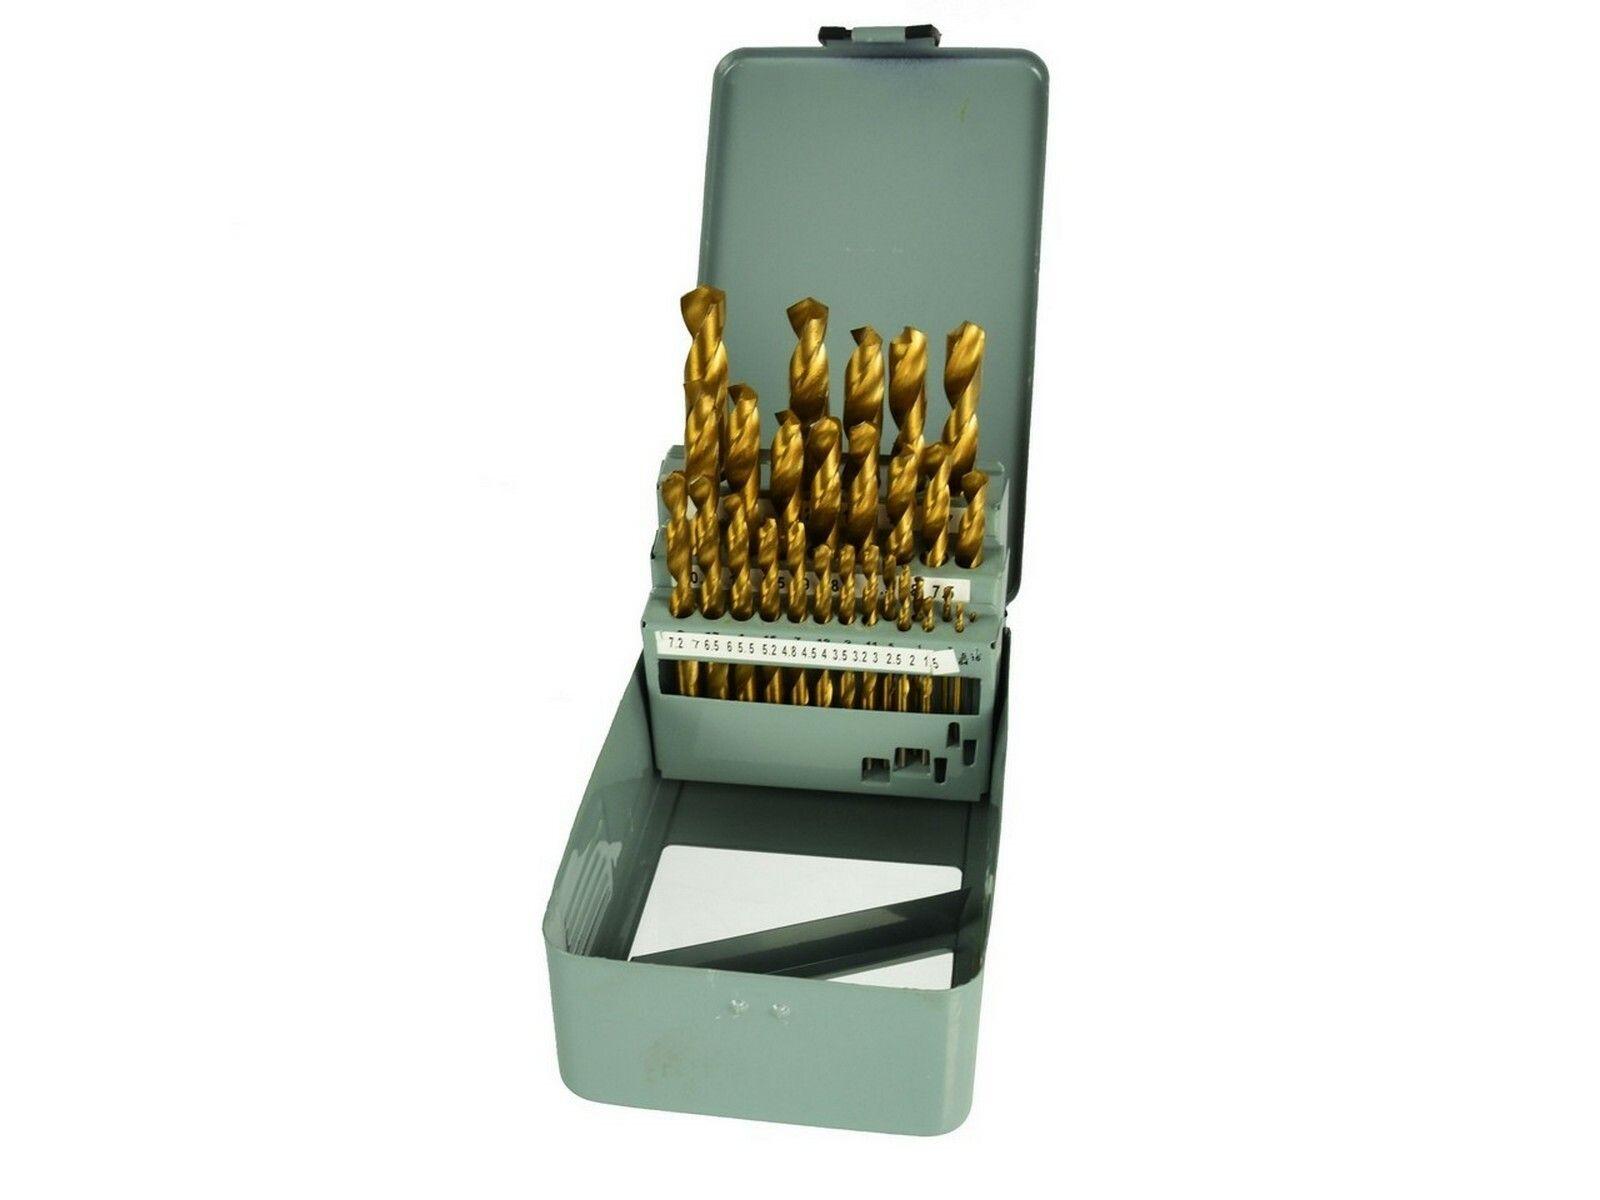 Vrtáky do kovu v kovové krabičce, sada 28ks, 1,5-13mm GEKO